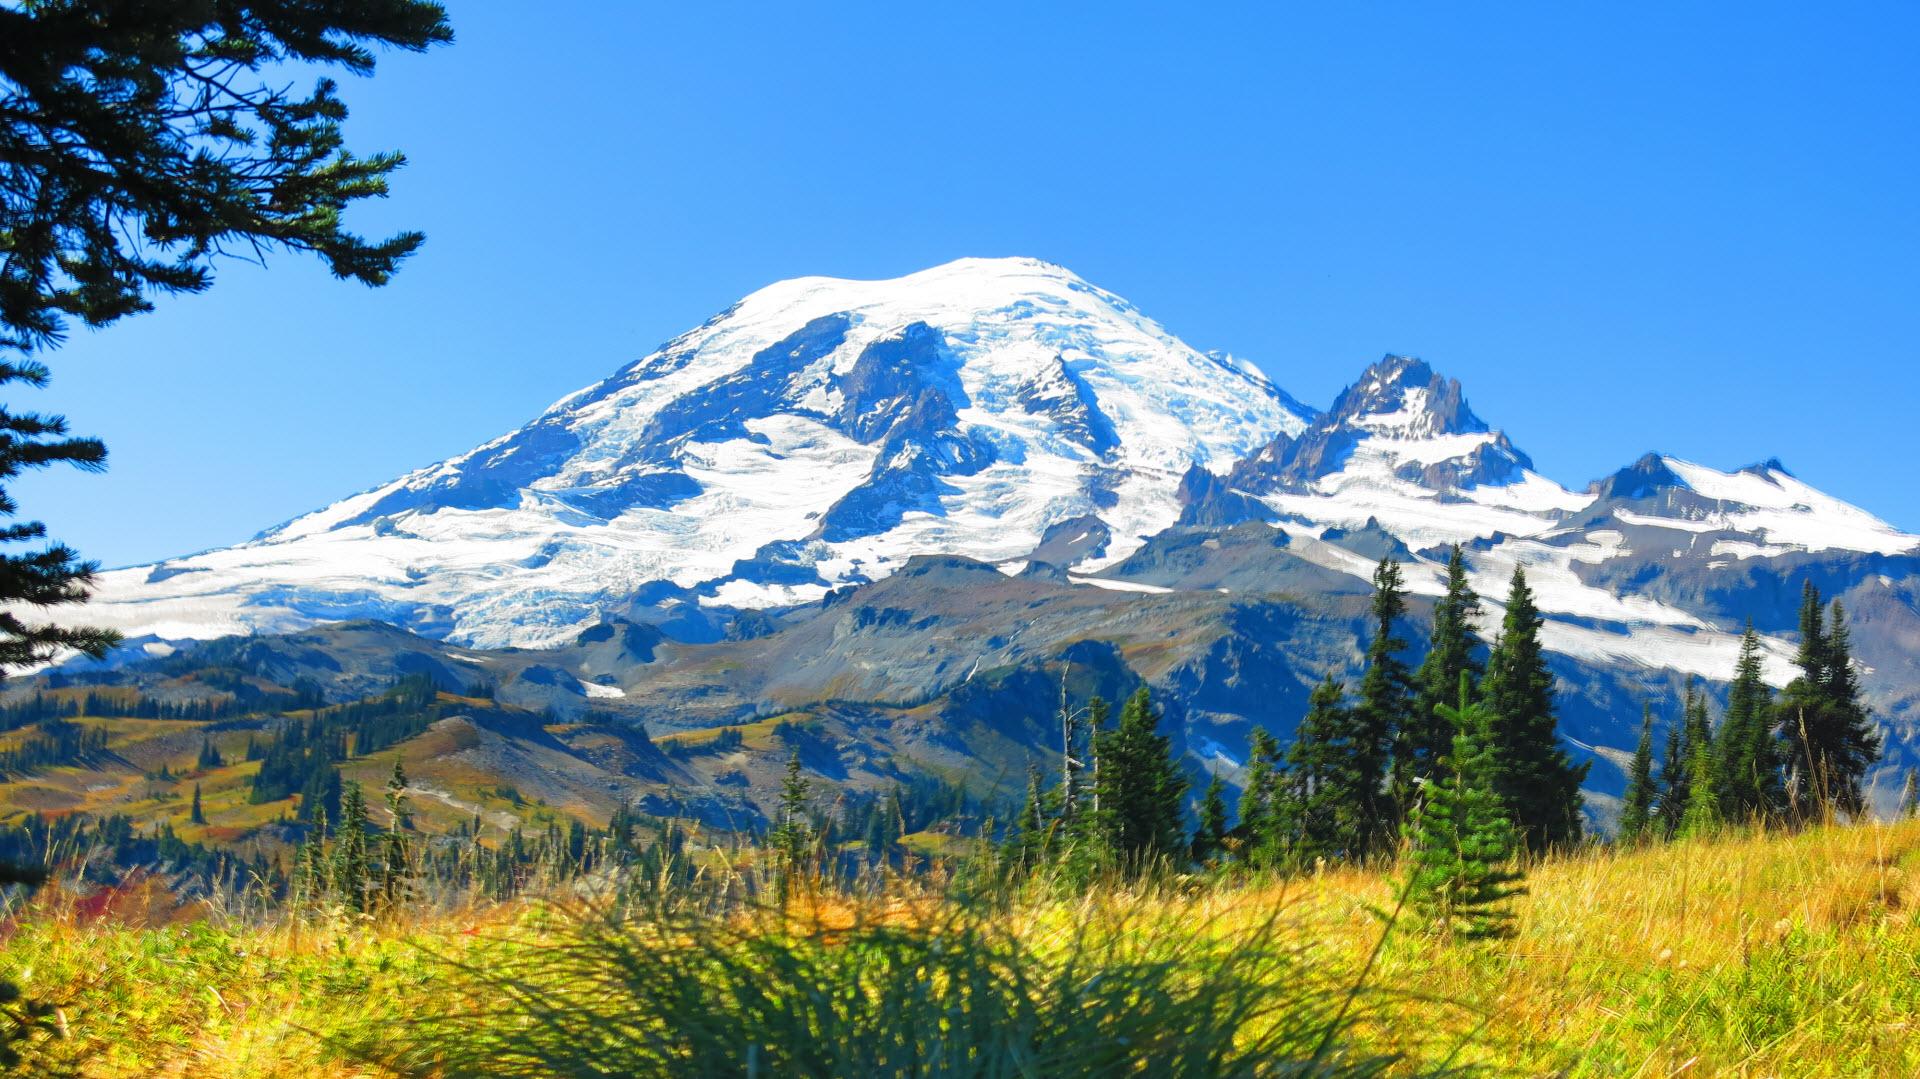 Mt. Rainier from the Wonderland Trail